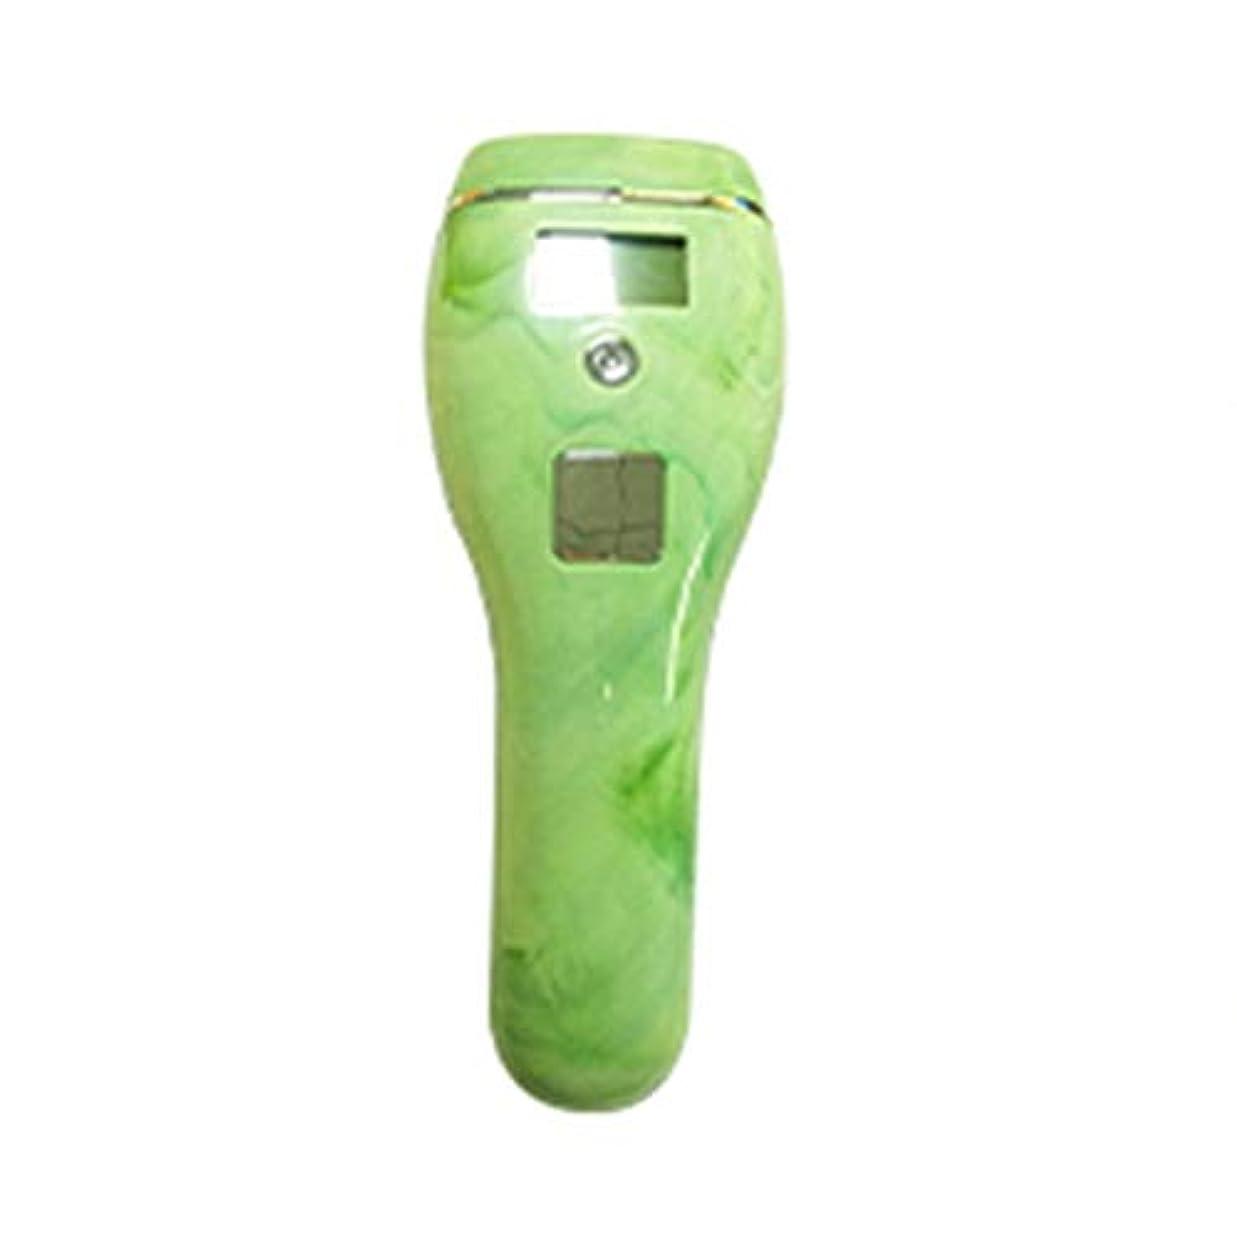 ピストン不機嫌そうな画像高男 自動皮膚感知グリーン、5スピード調整、石英管、ポータブル無痛全身凍結脱毛器、サイズ19x7x5cm (Color : Green)